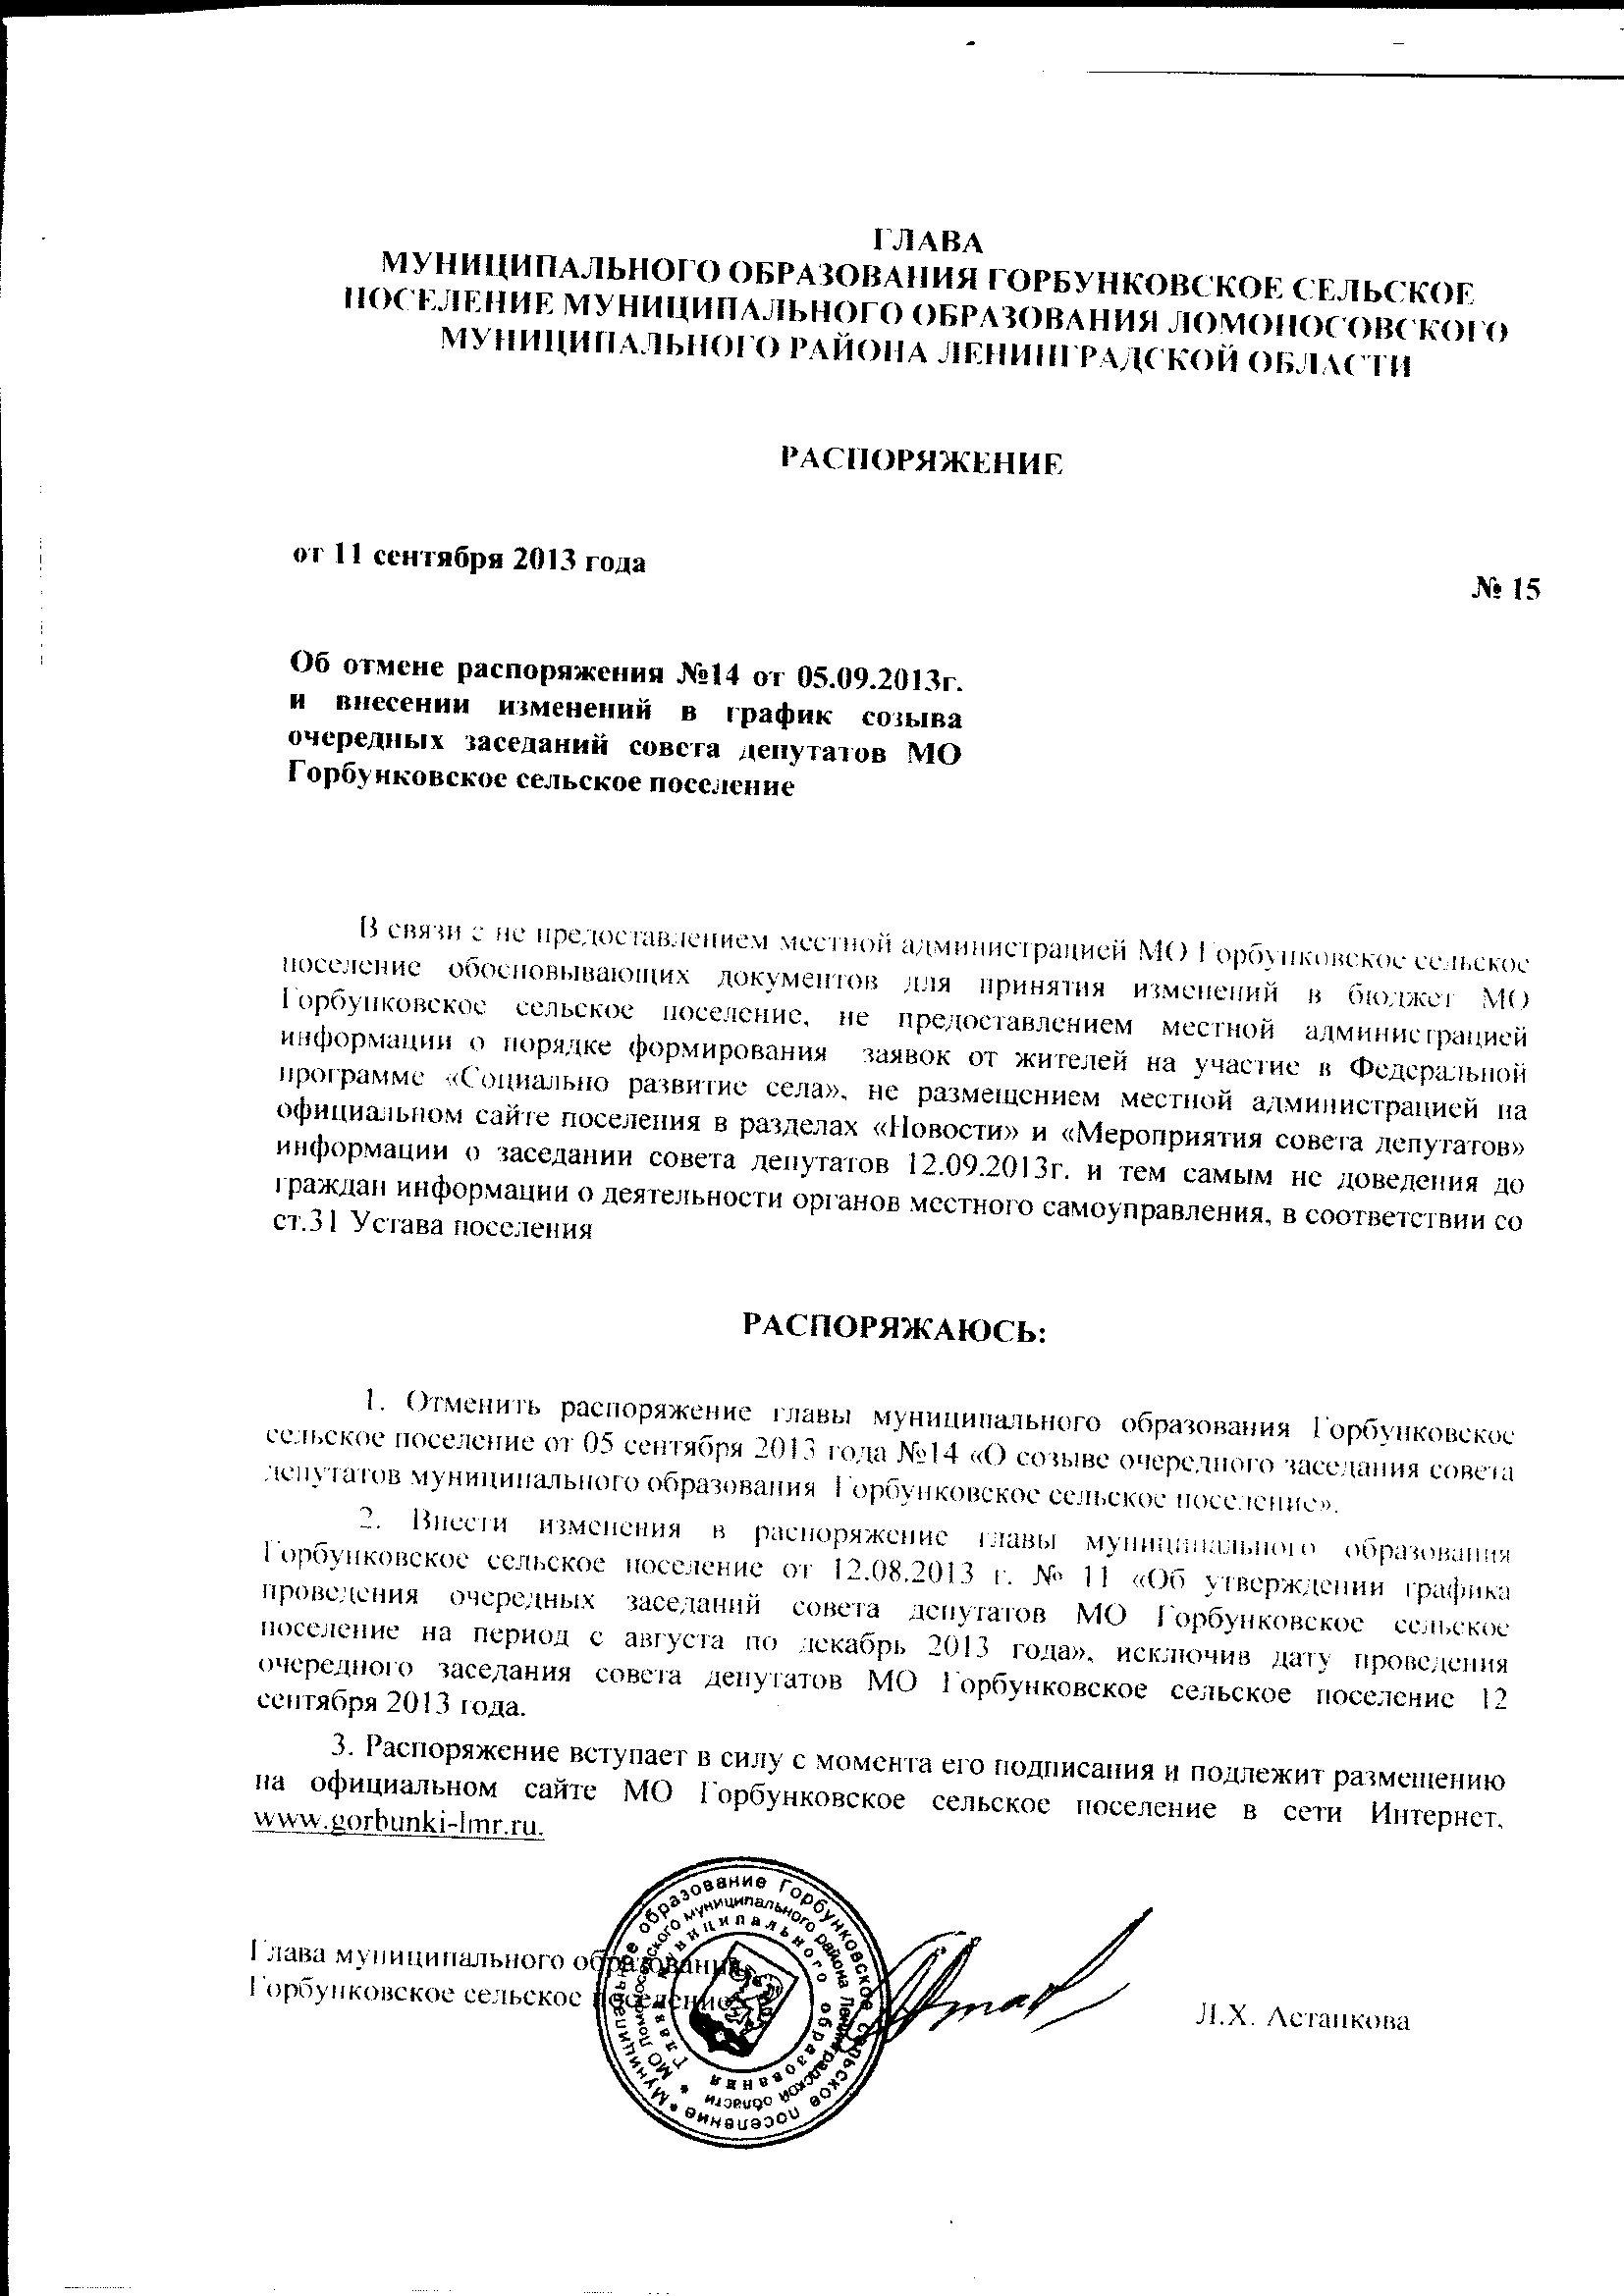 Распоряжение администрации об отмене распоряжения образец